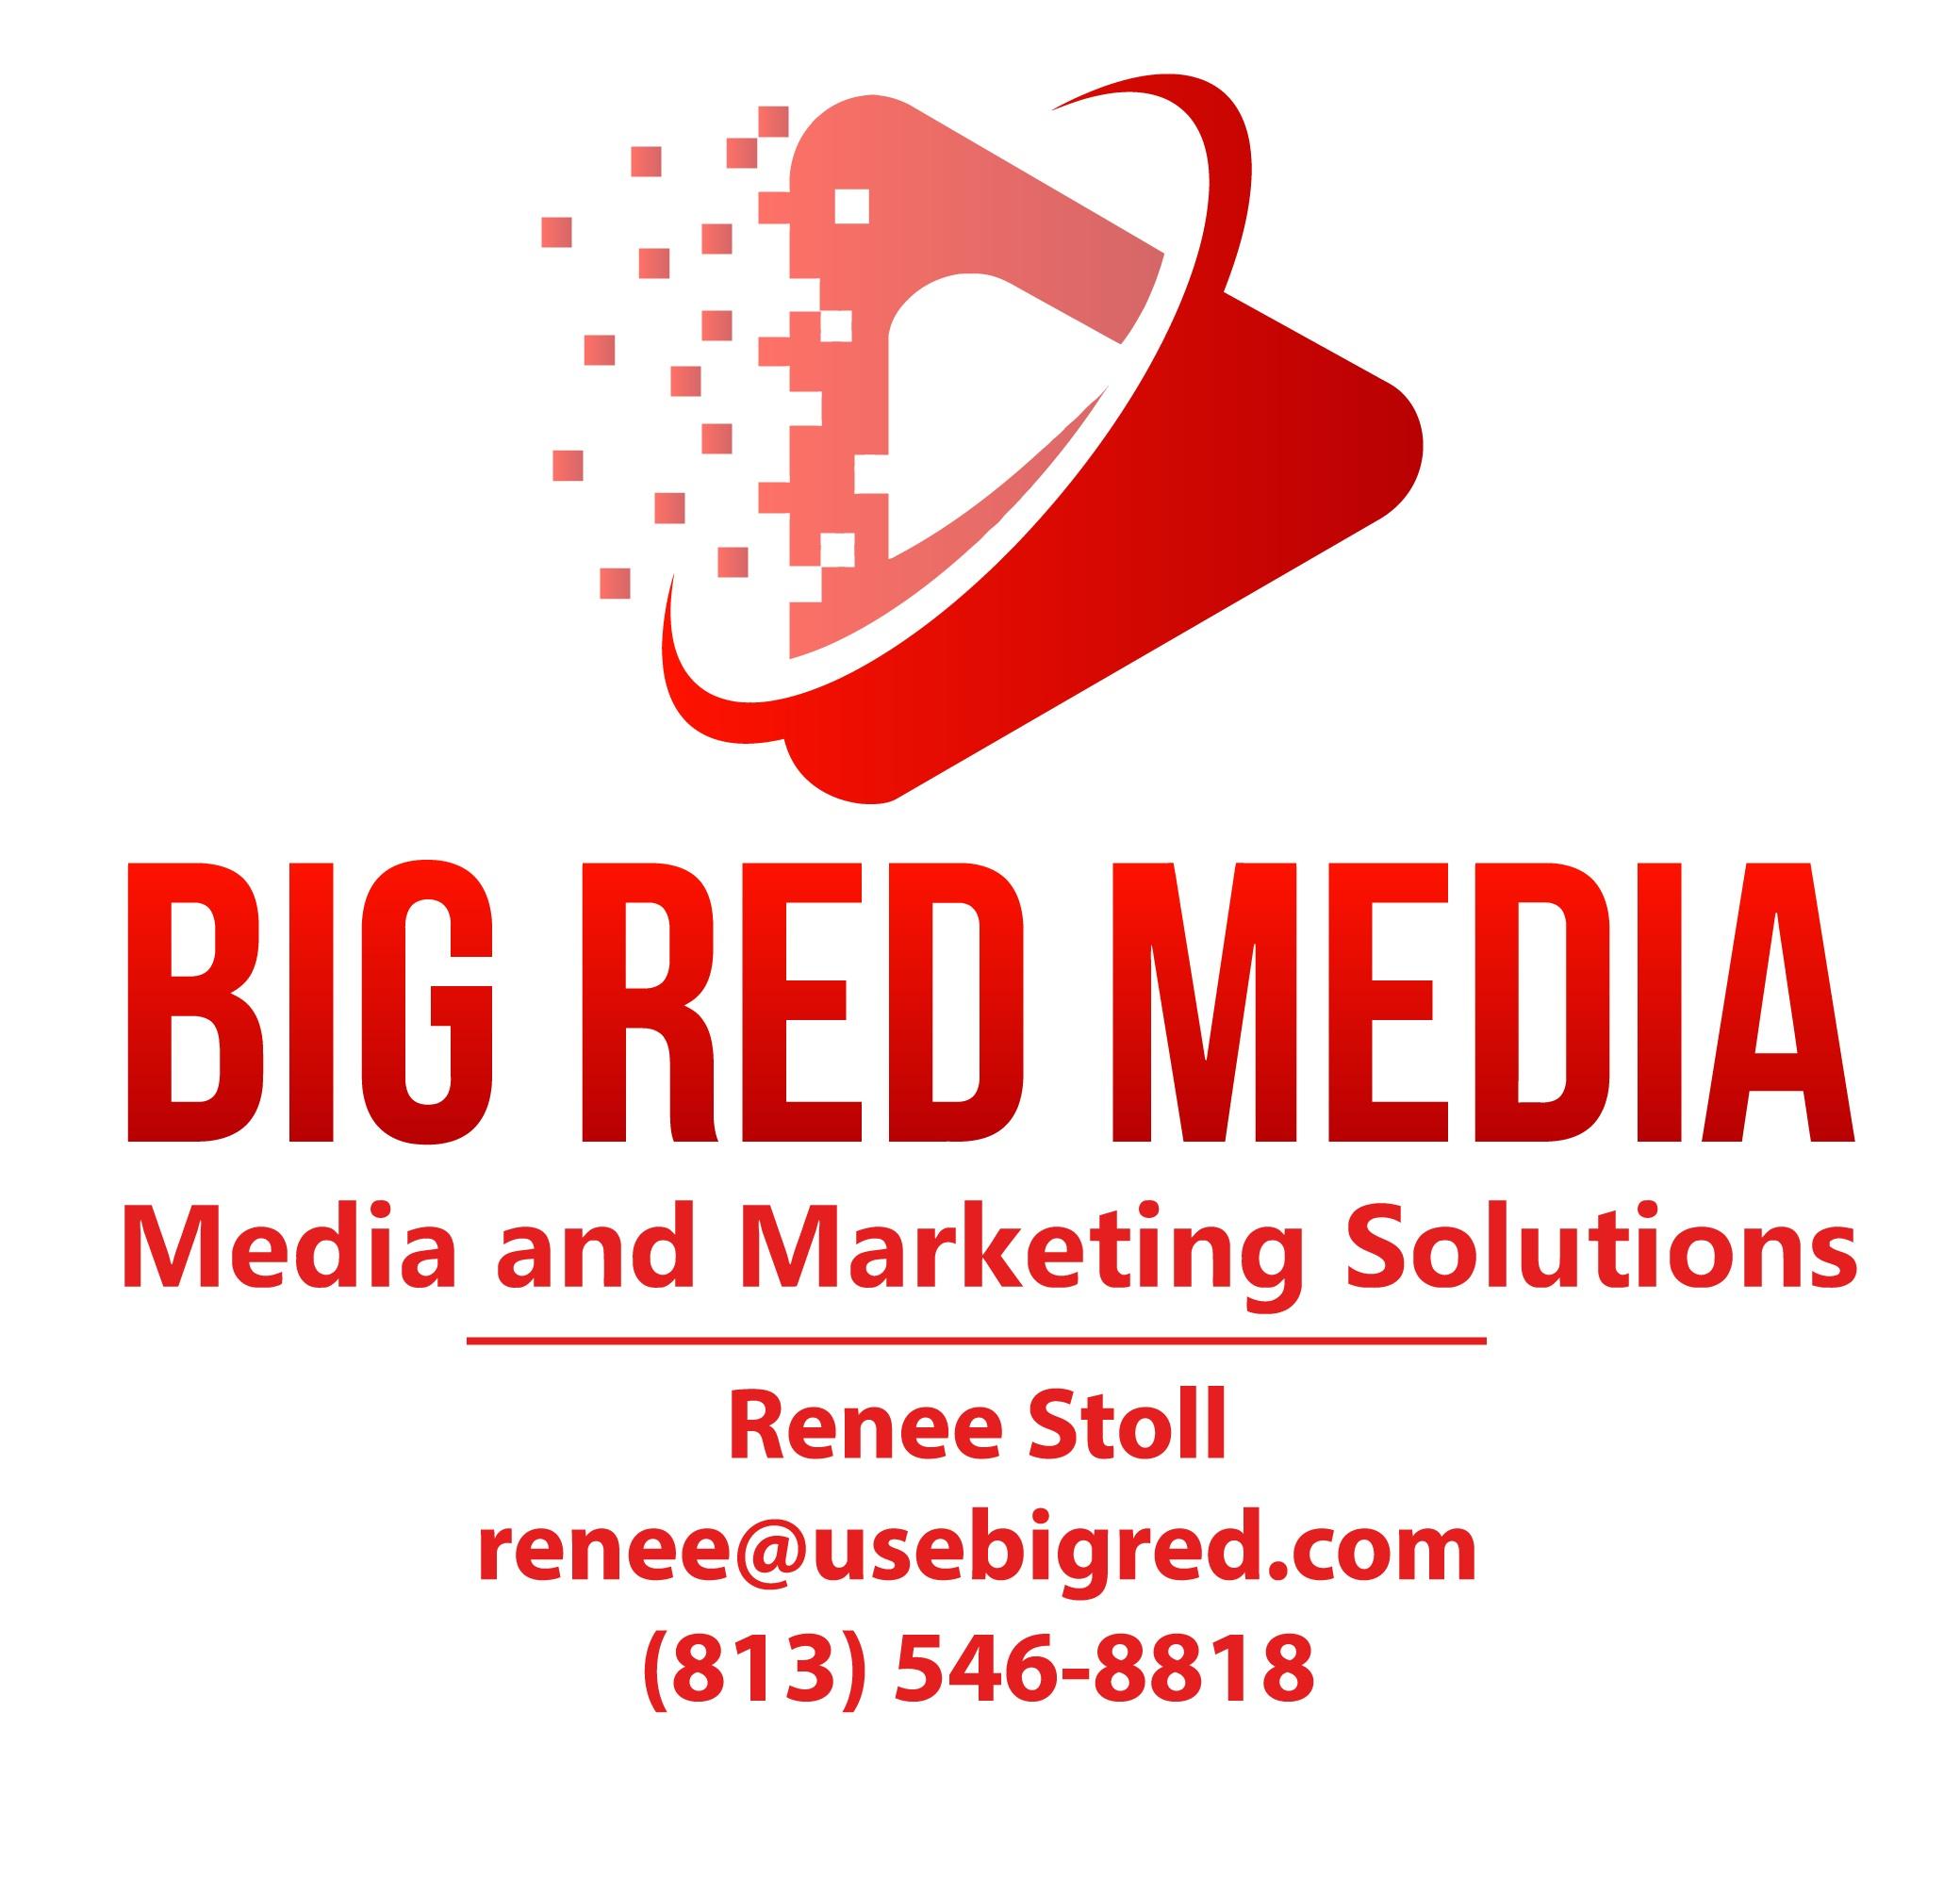 Big Red Media